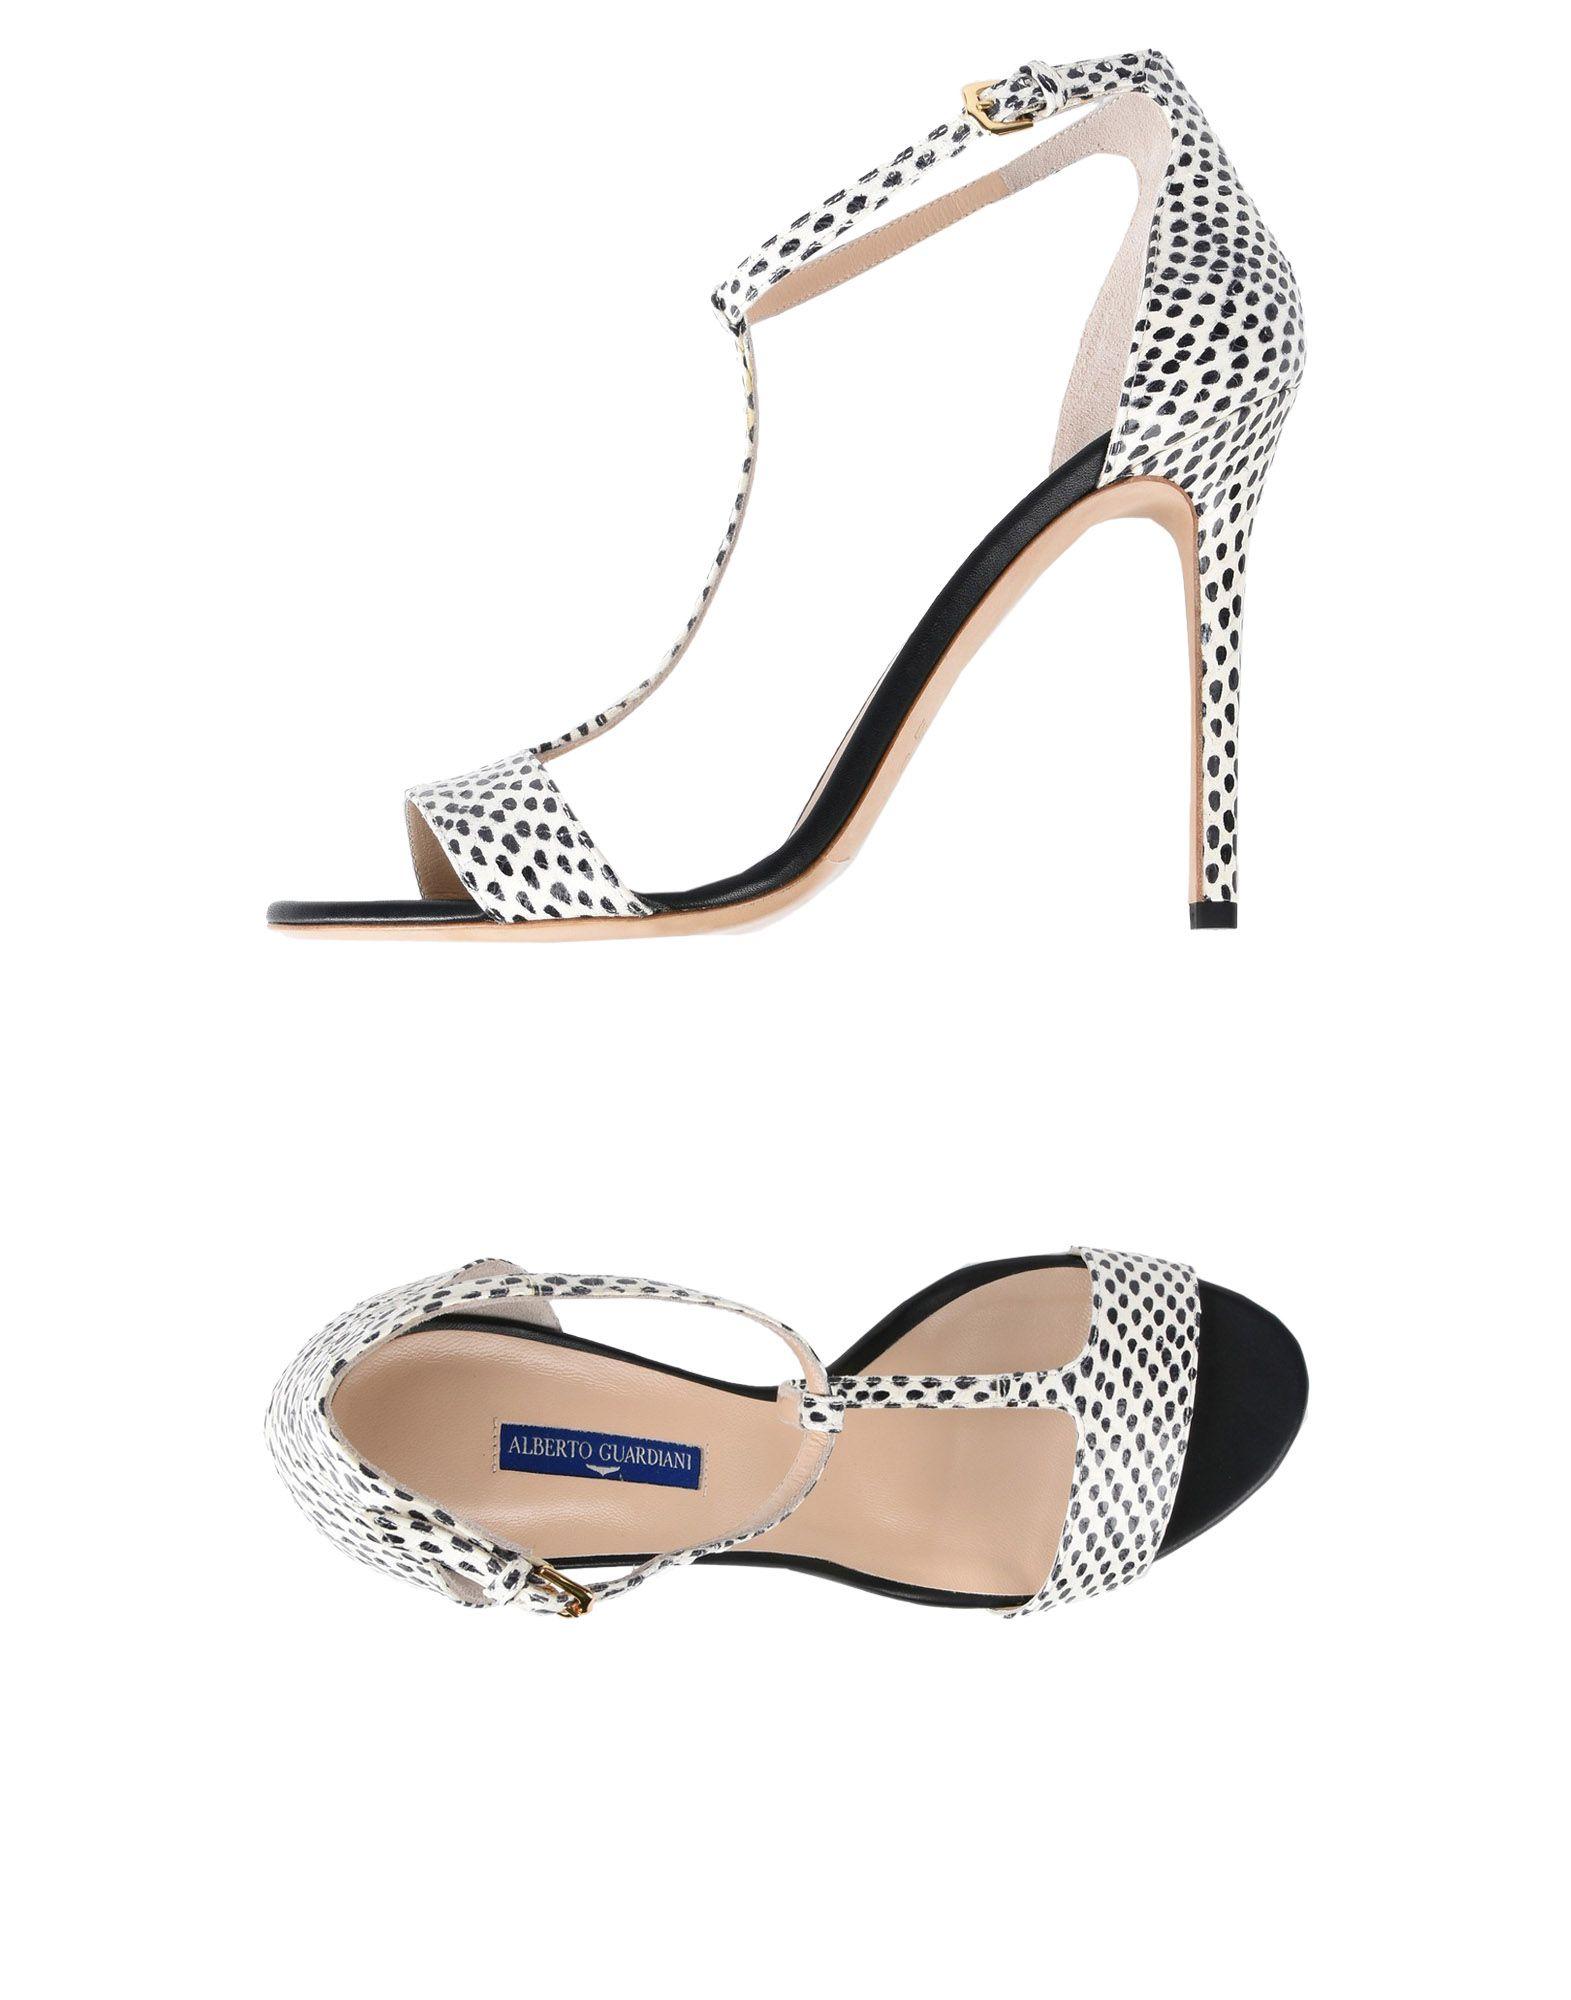 Rabatt Schuhe Alberto Guardiani Sandalen Damen  11502774BI